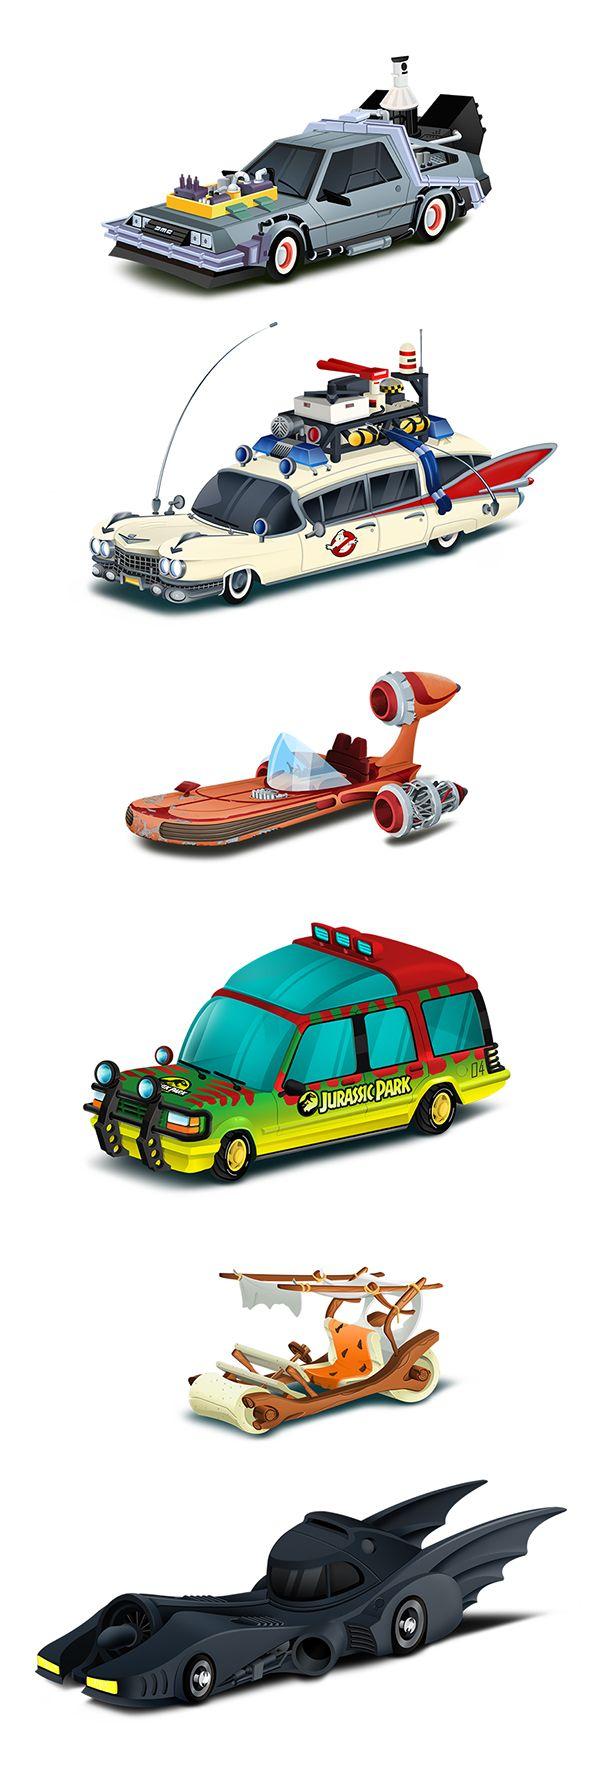 Les véhicules phares de notre enfance par Paul Turcanu